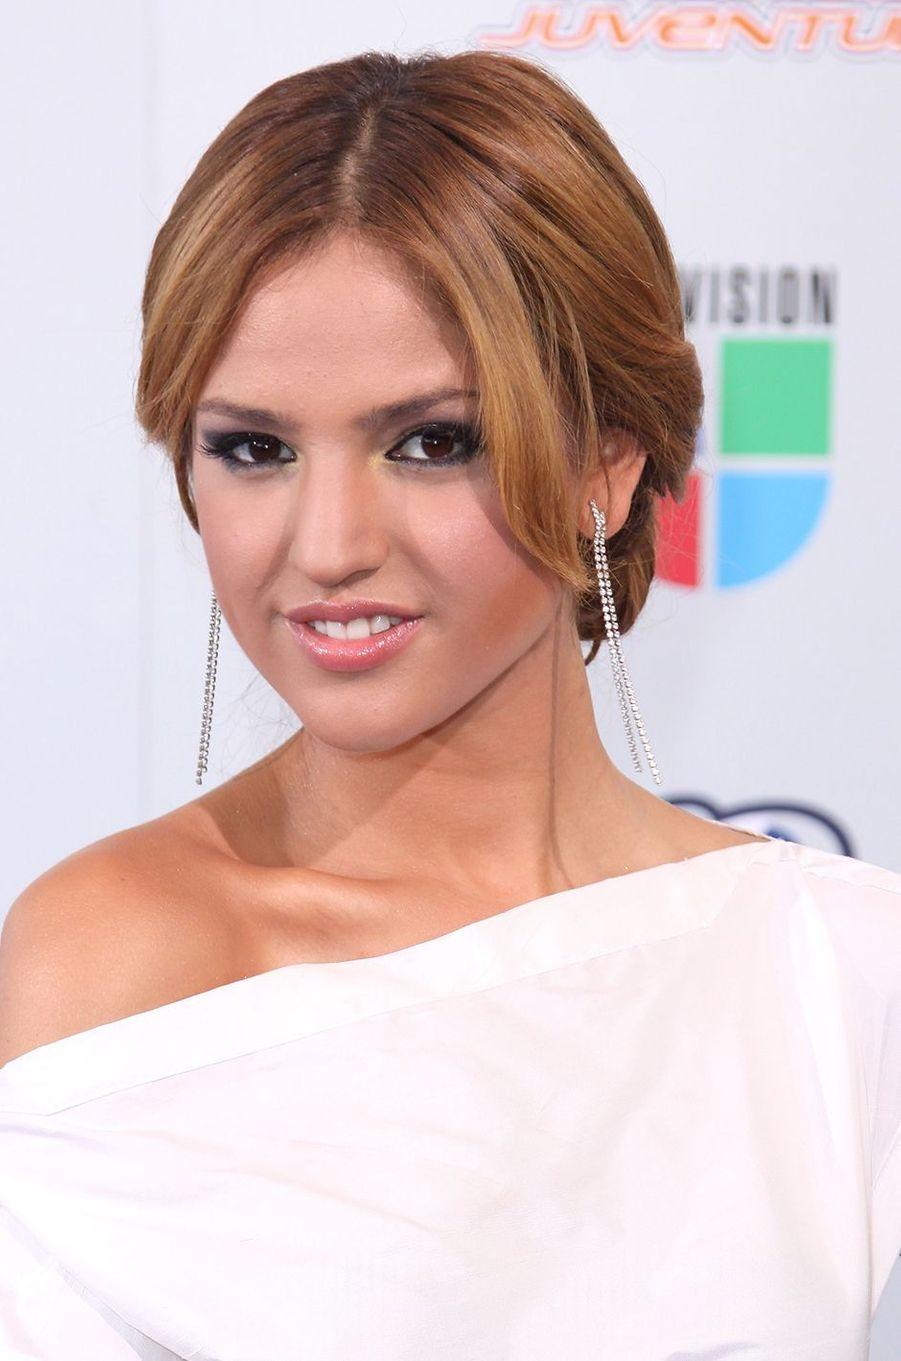 Eiza Gonzalez à la cérémonie des Premios Juventud Awards à Coral Gables, en Floride, en juillet 2009